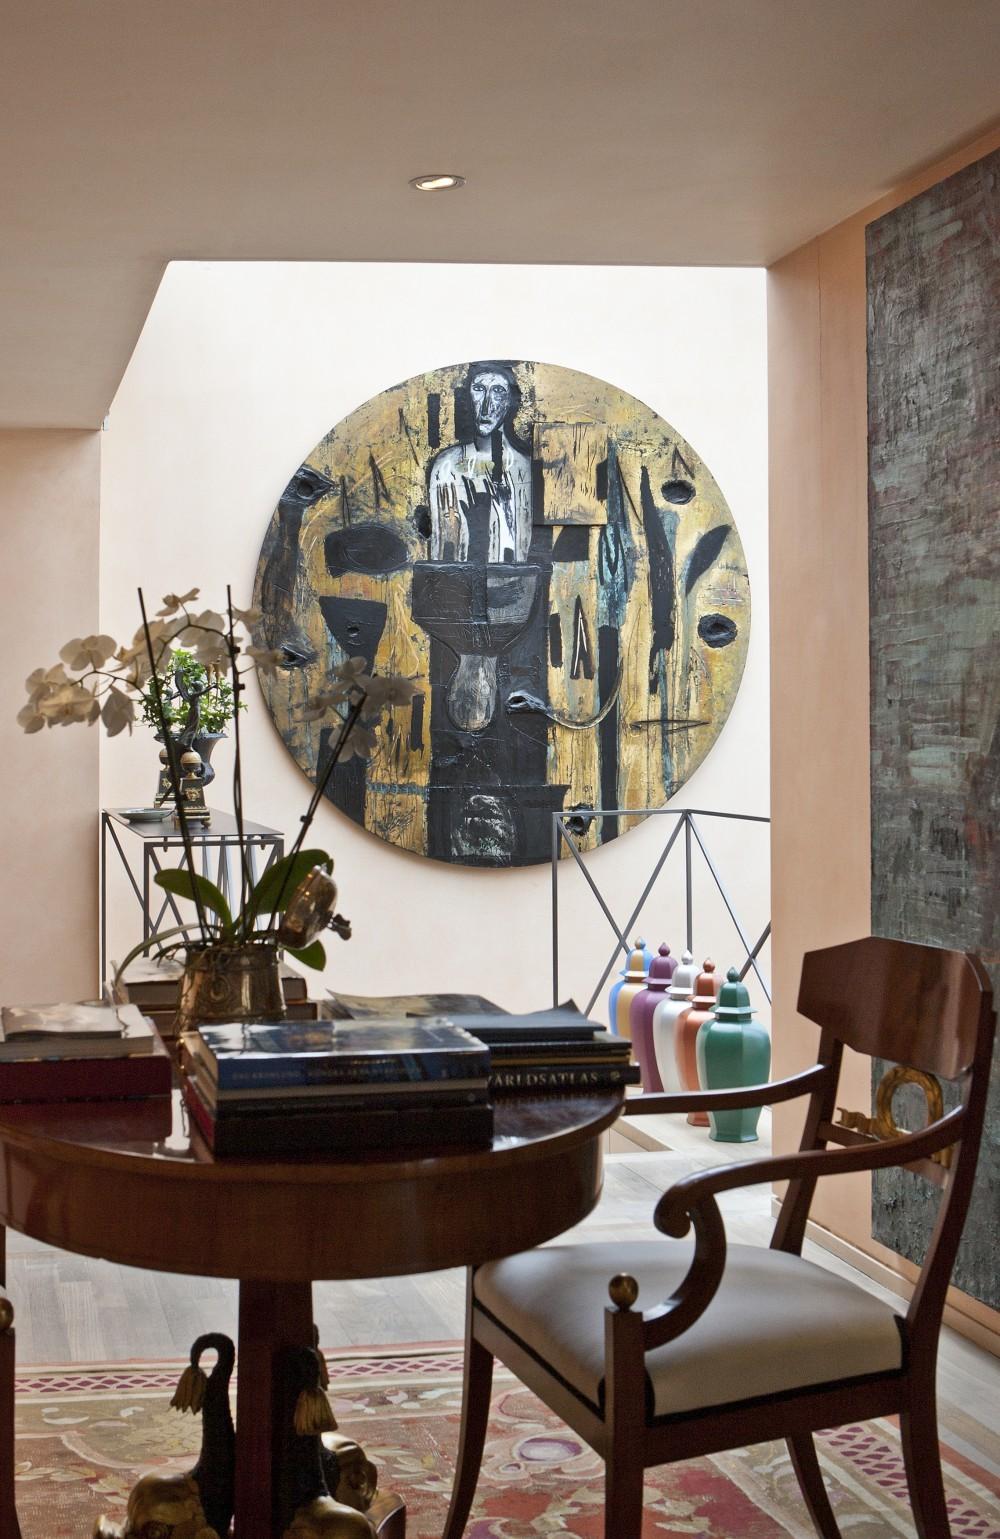 Die Leseecke zwischen Wohnzimmer und Frühstücksbereich ist mit Möbeln des frühen 19. Jahrhunderts bestückt